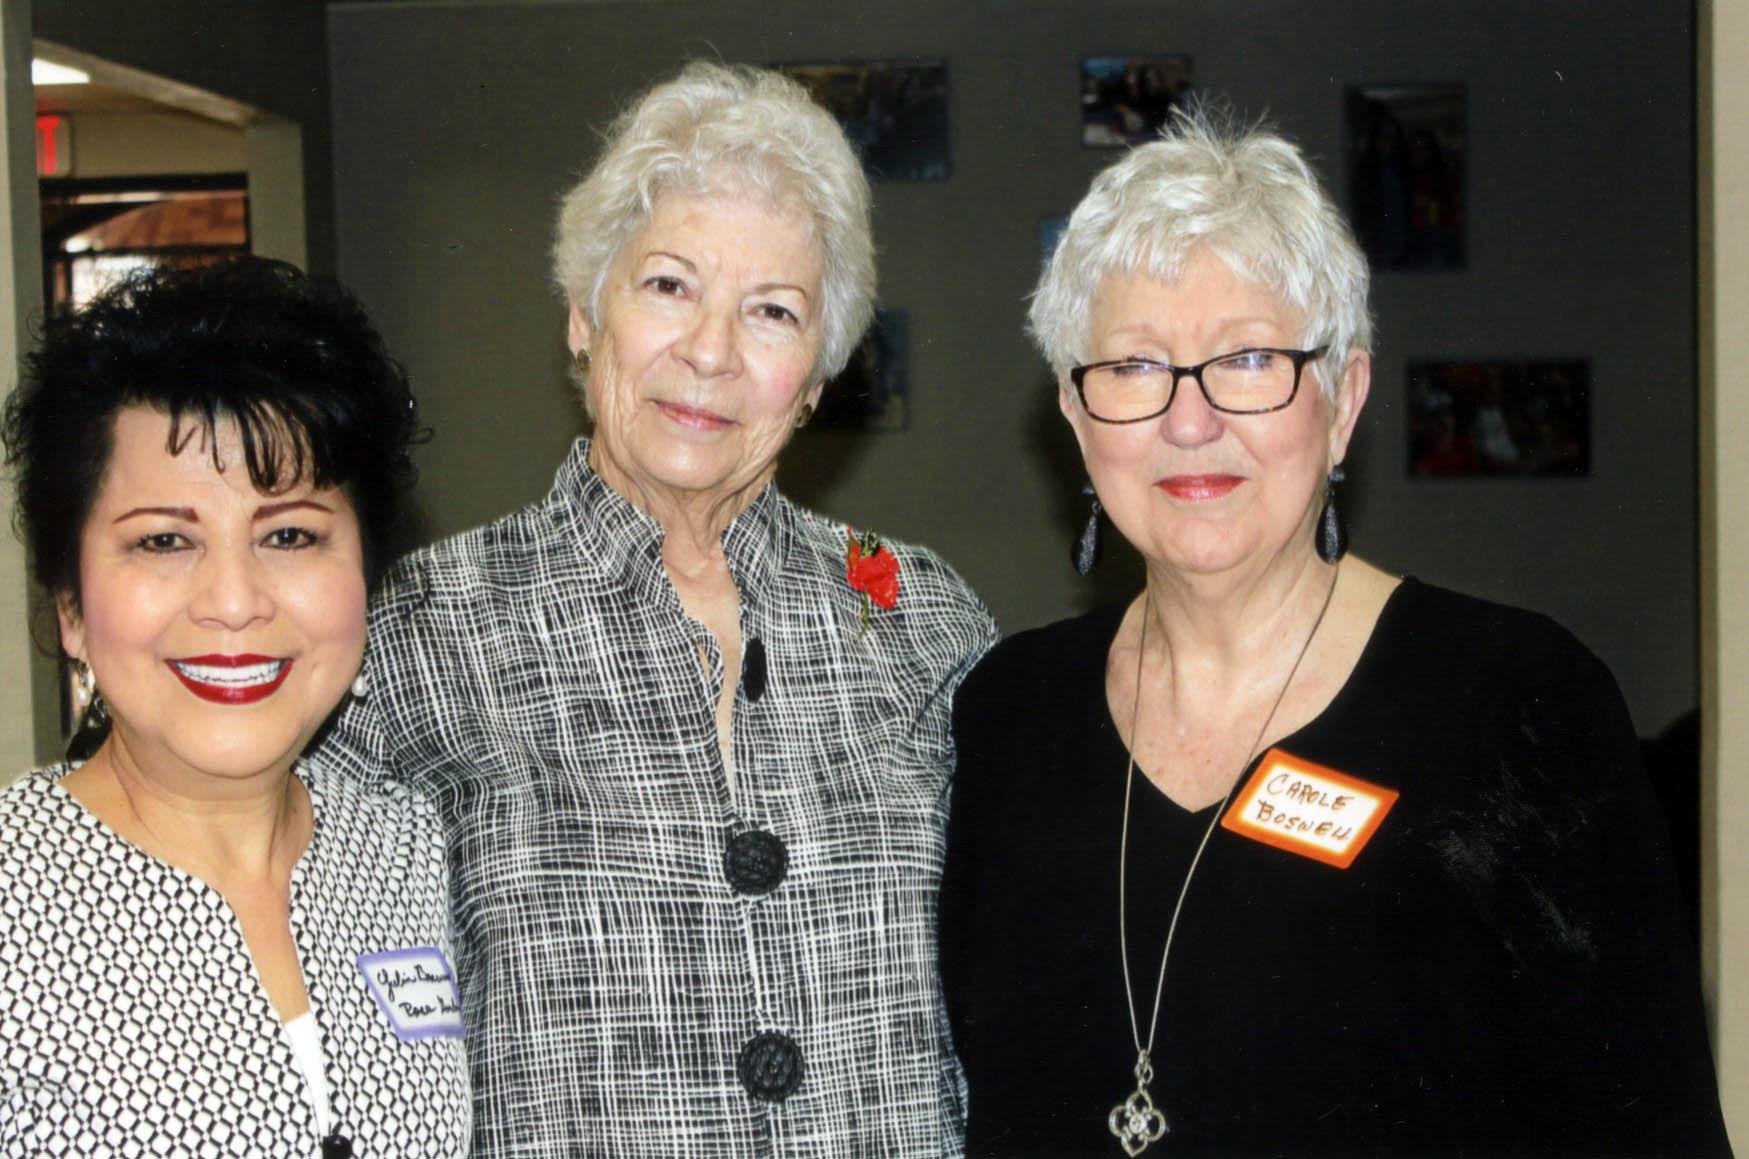 Yulin Brewer, Janella Garrett and Carol Boswell